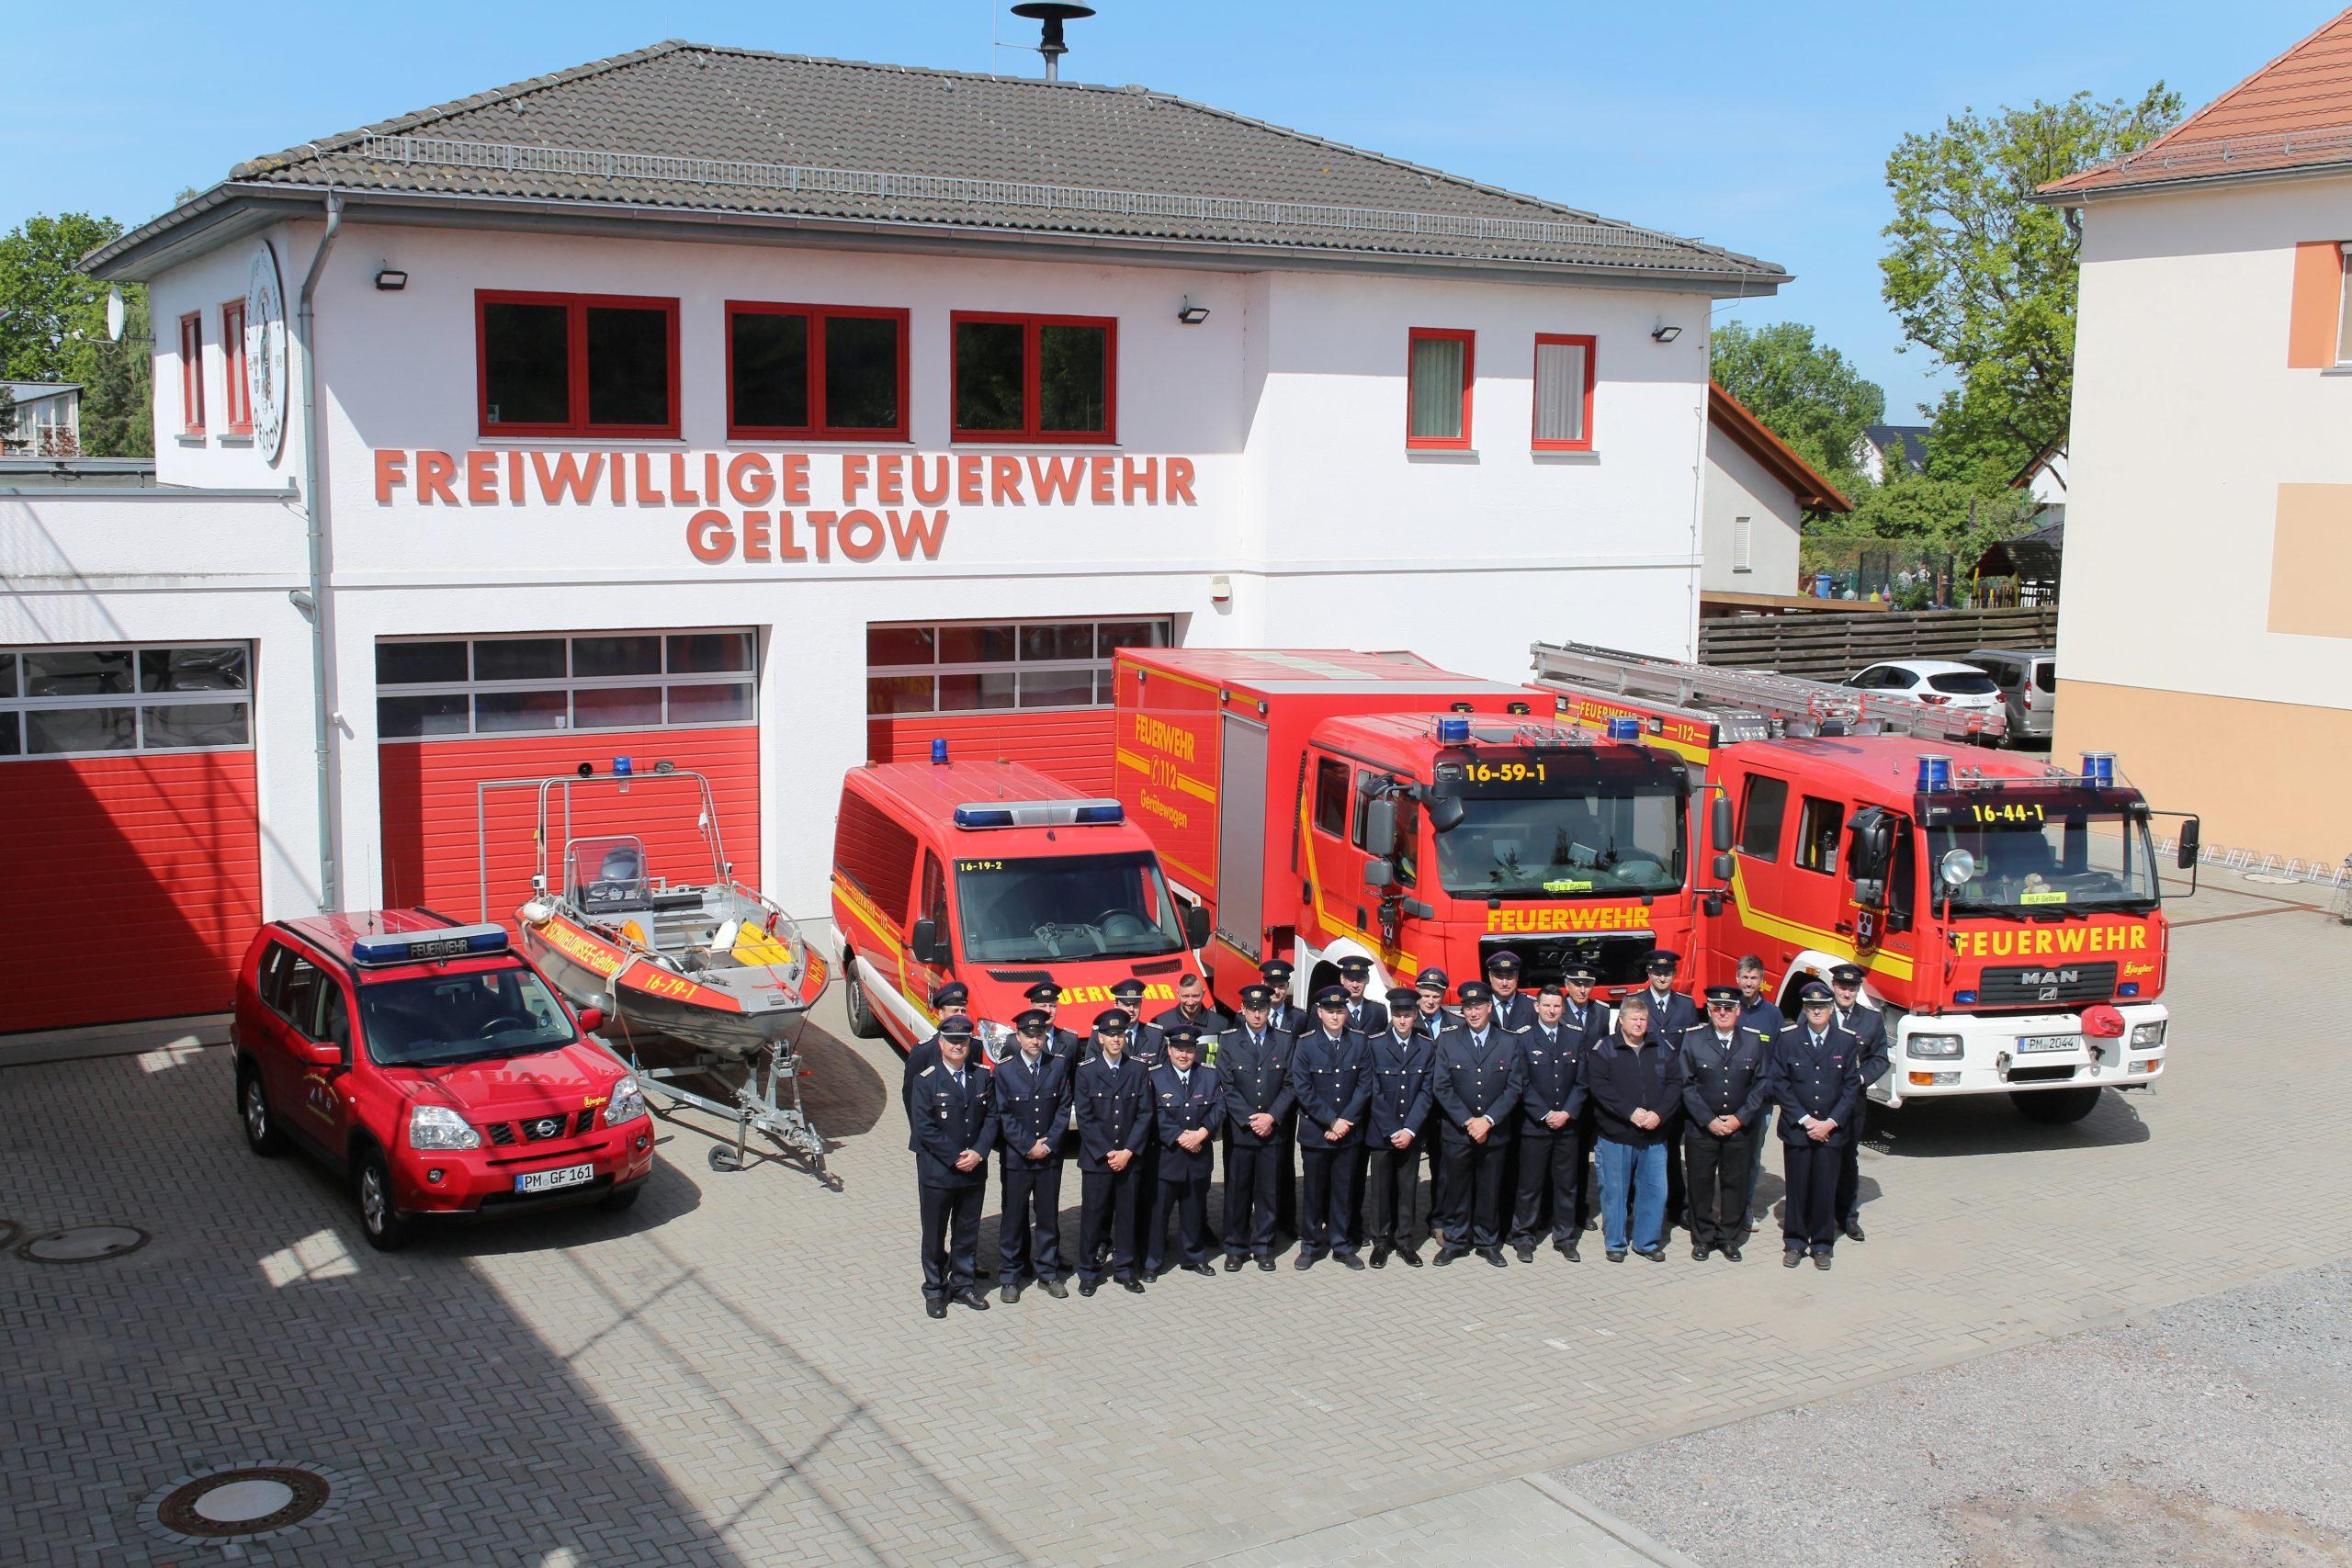 Gruppenfoto aller Kameraden der Feuerwehr, in Uniform vor den Fahrzeugen.